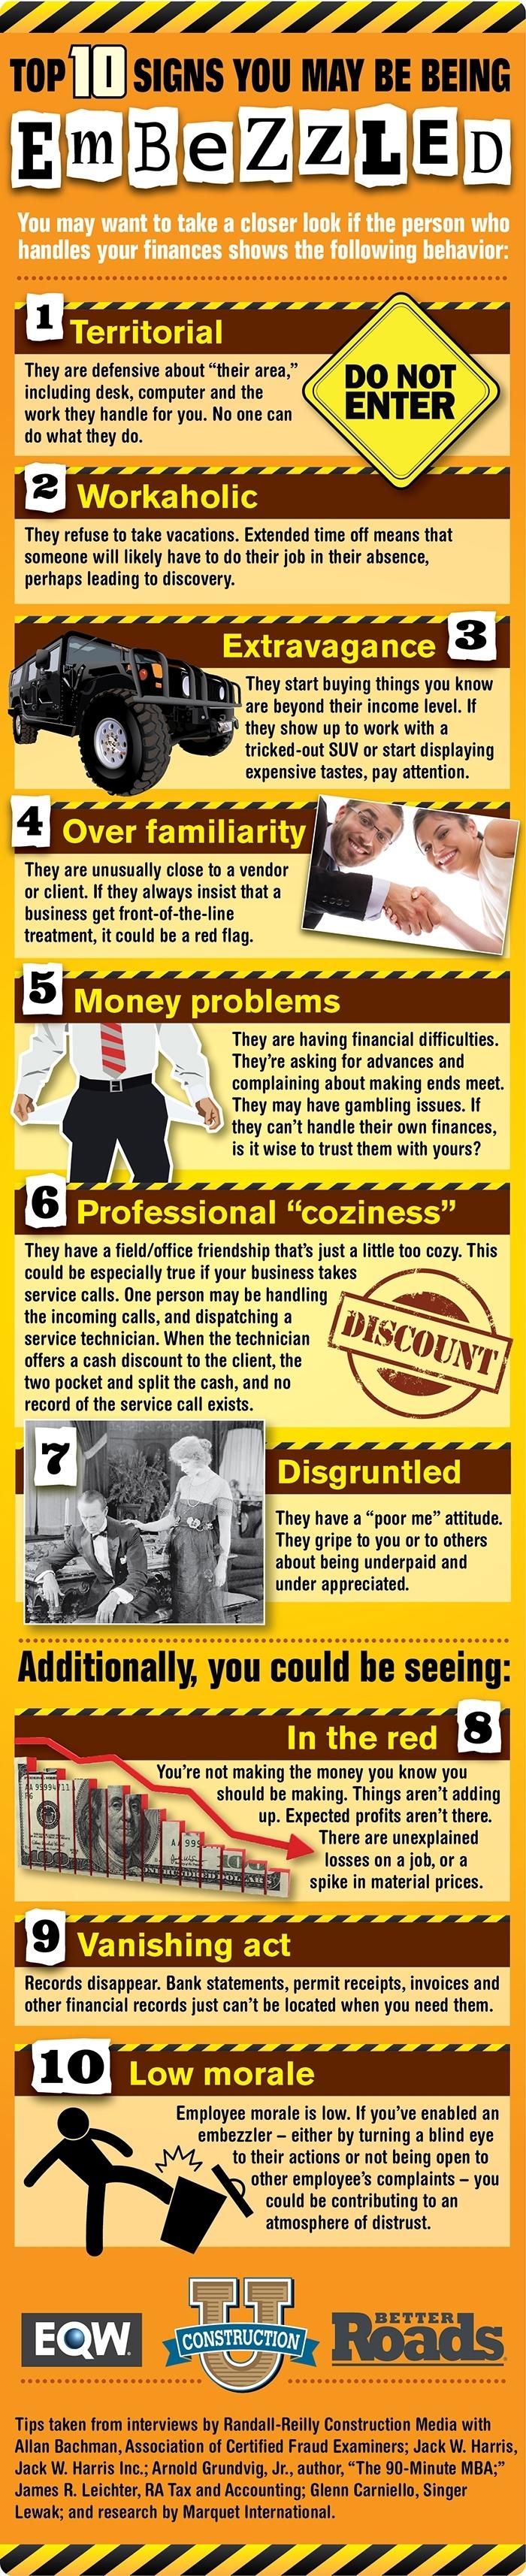 embezzlement-infographic